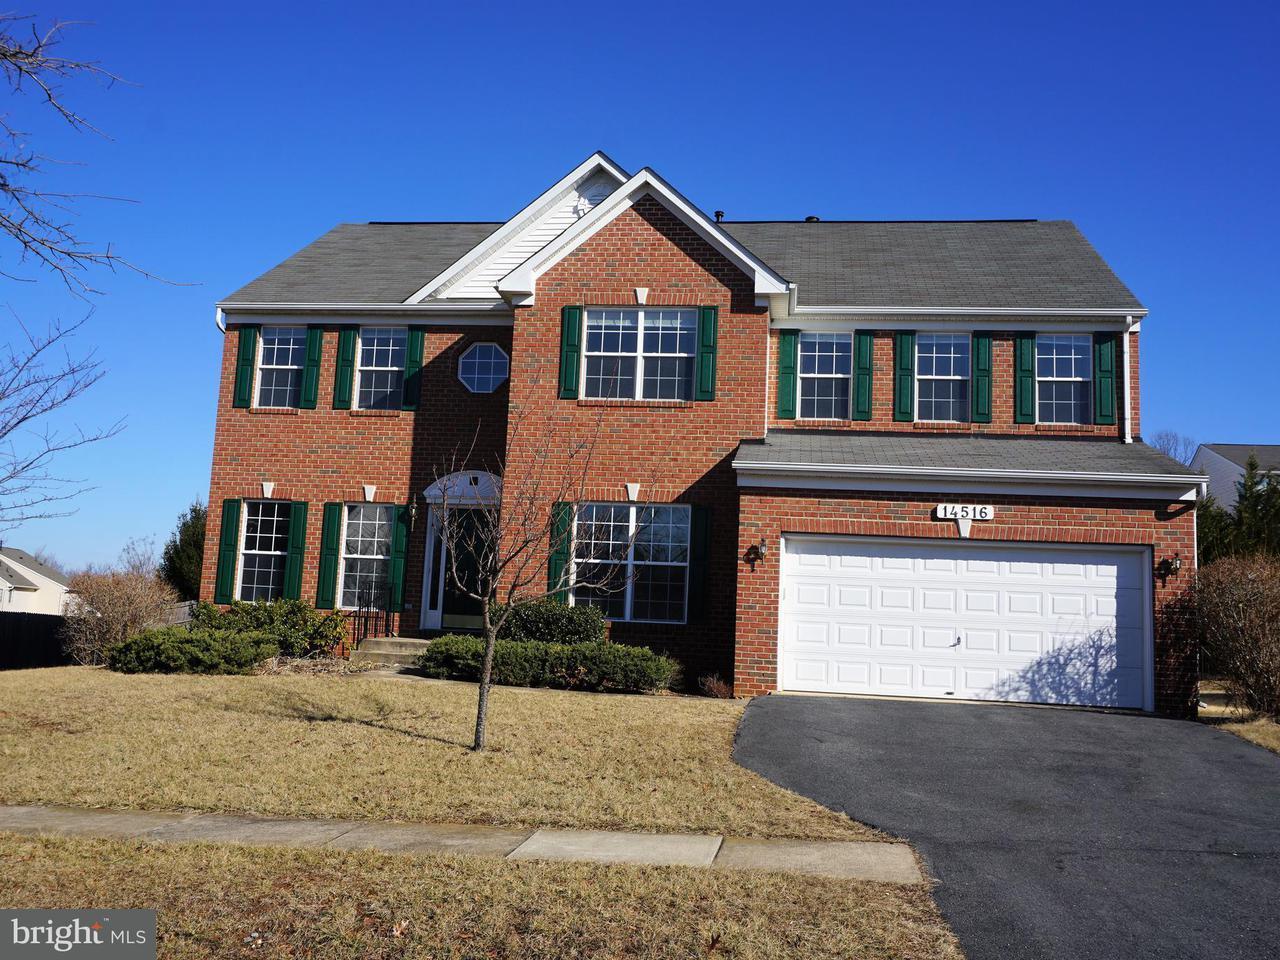 Частный односемейный дом для того Продажа на 14516 Bubbling Spring Road 14516 Bubbling Spring Road Boyds, Мэриленд 20841 Соединенные Штаты